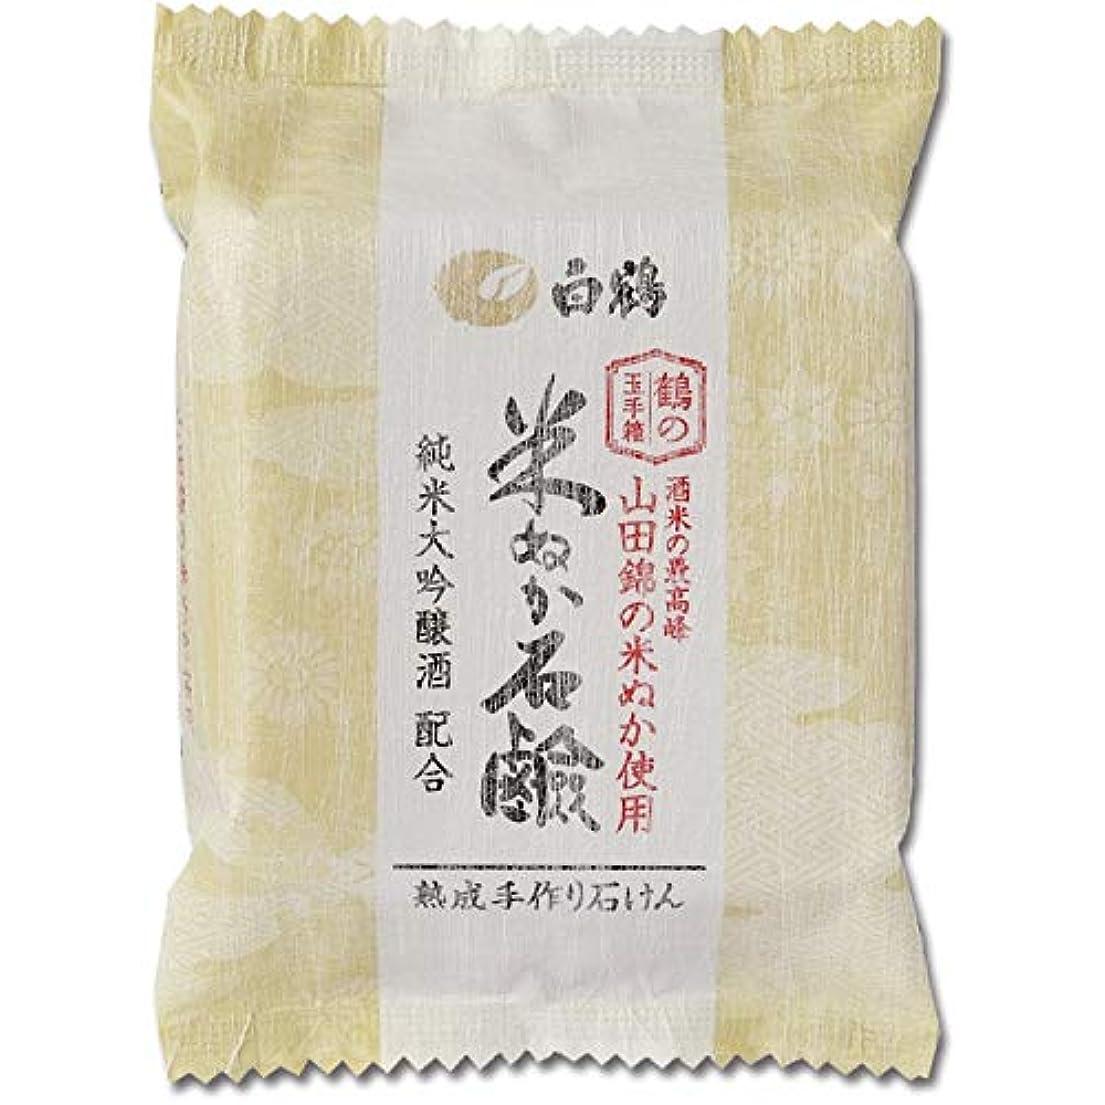 感嘆符出会い内陸白鶴 鶴の玉手箱 米ぬか石けん 100g (全身用石鹸)